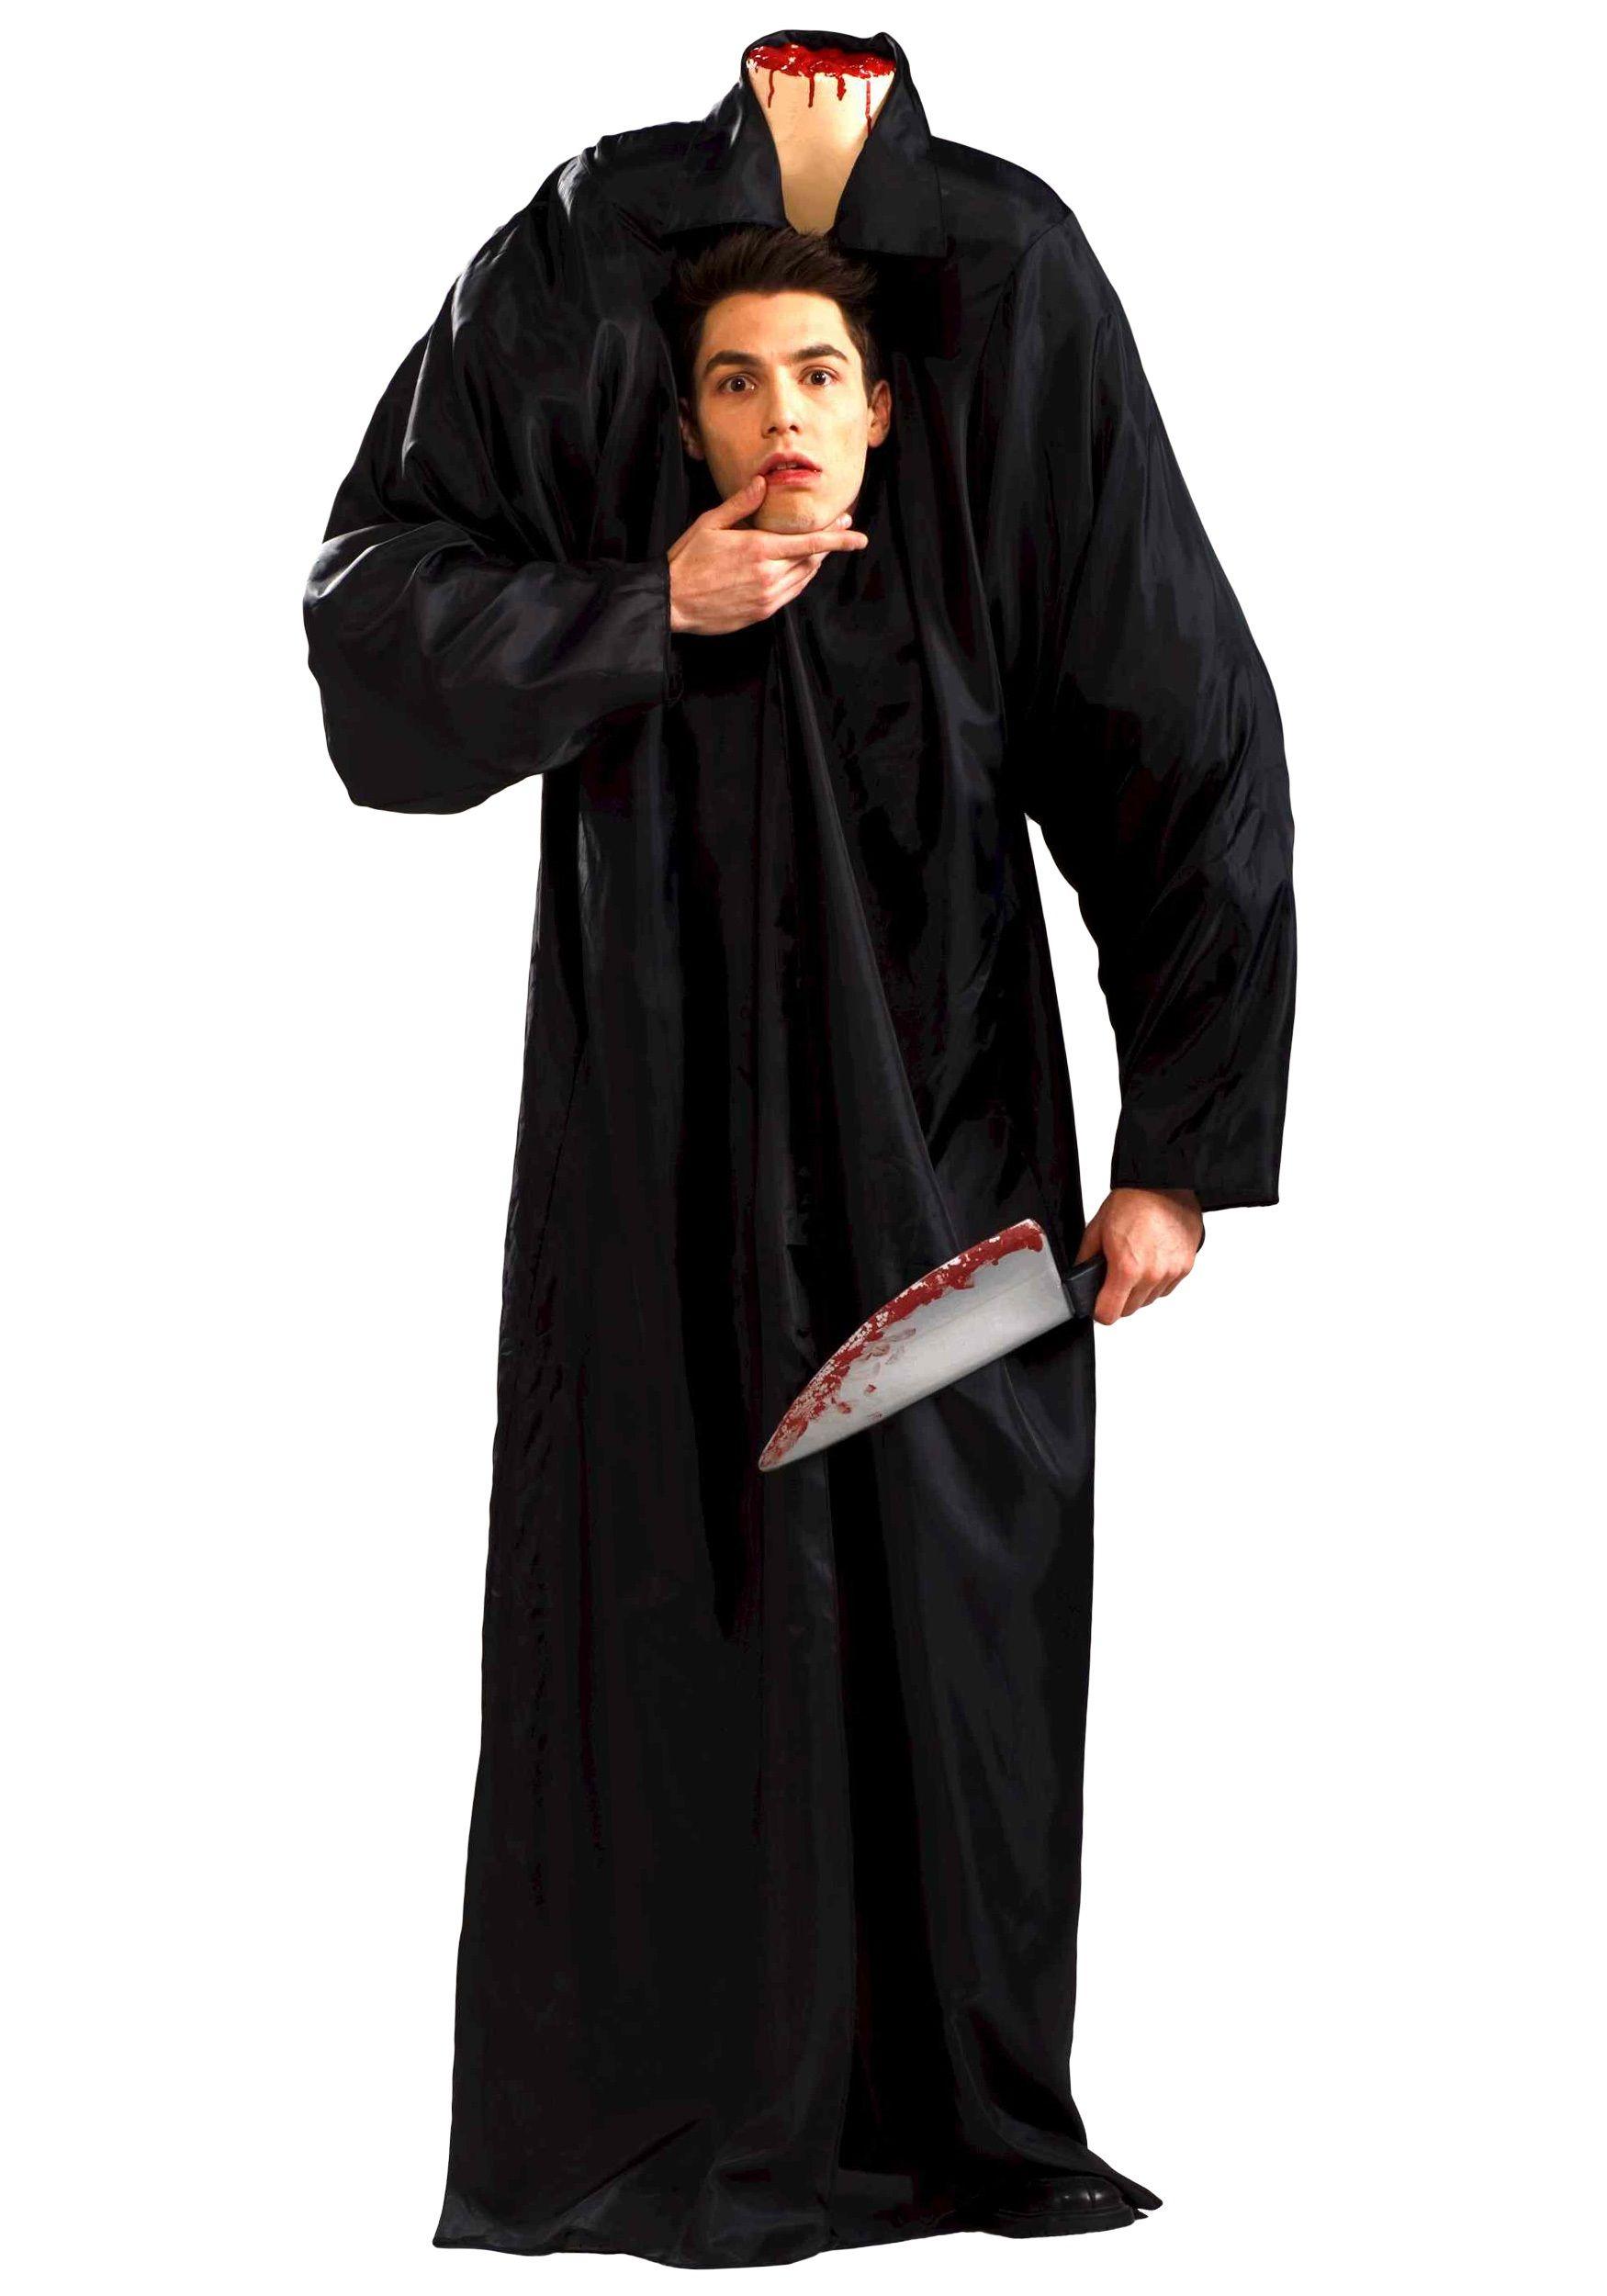 Halloween Dresses for Men